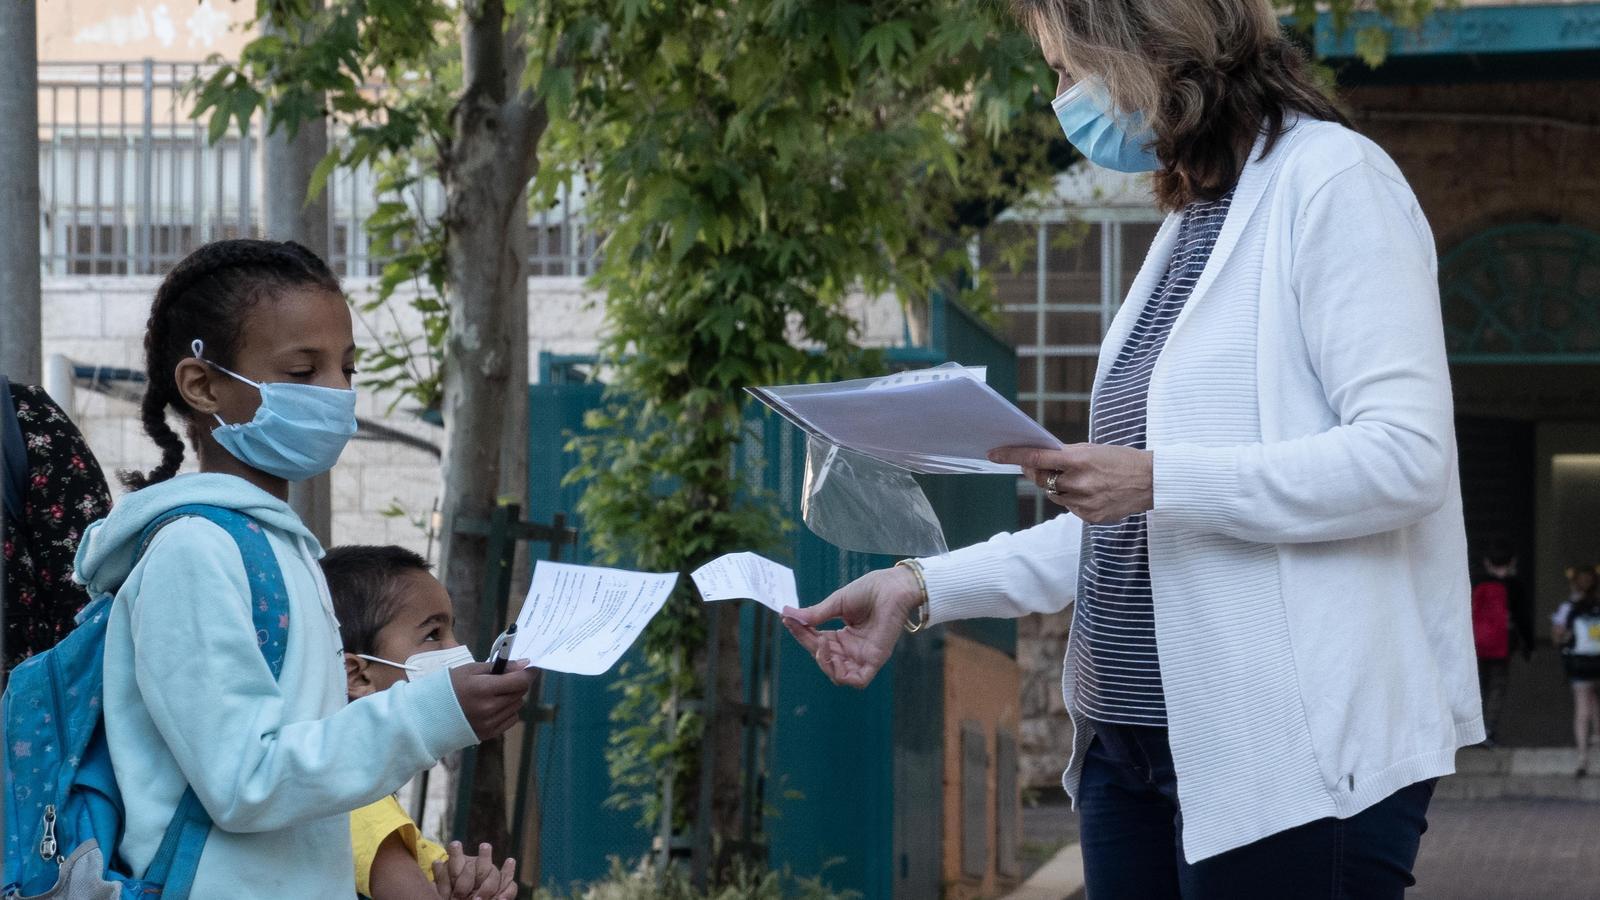 L'exemple fallid de la reobertura de les escoles a Israel